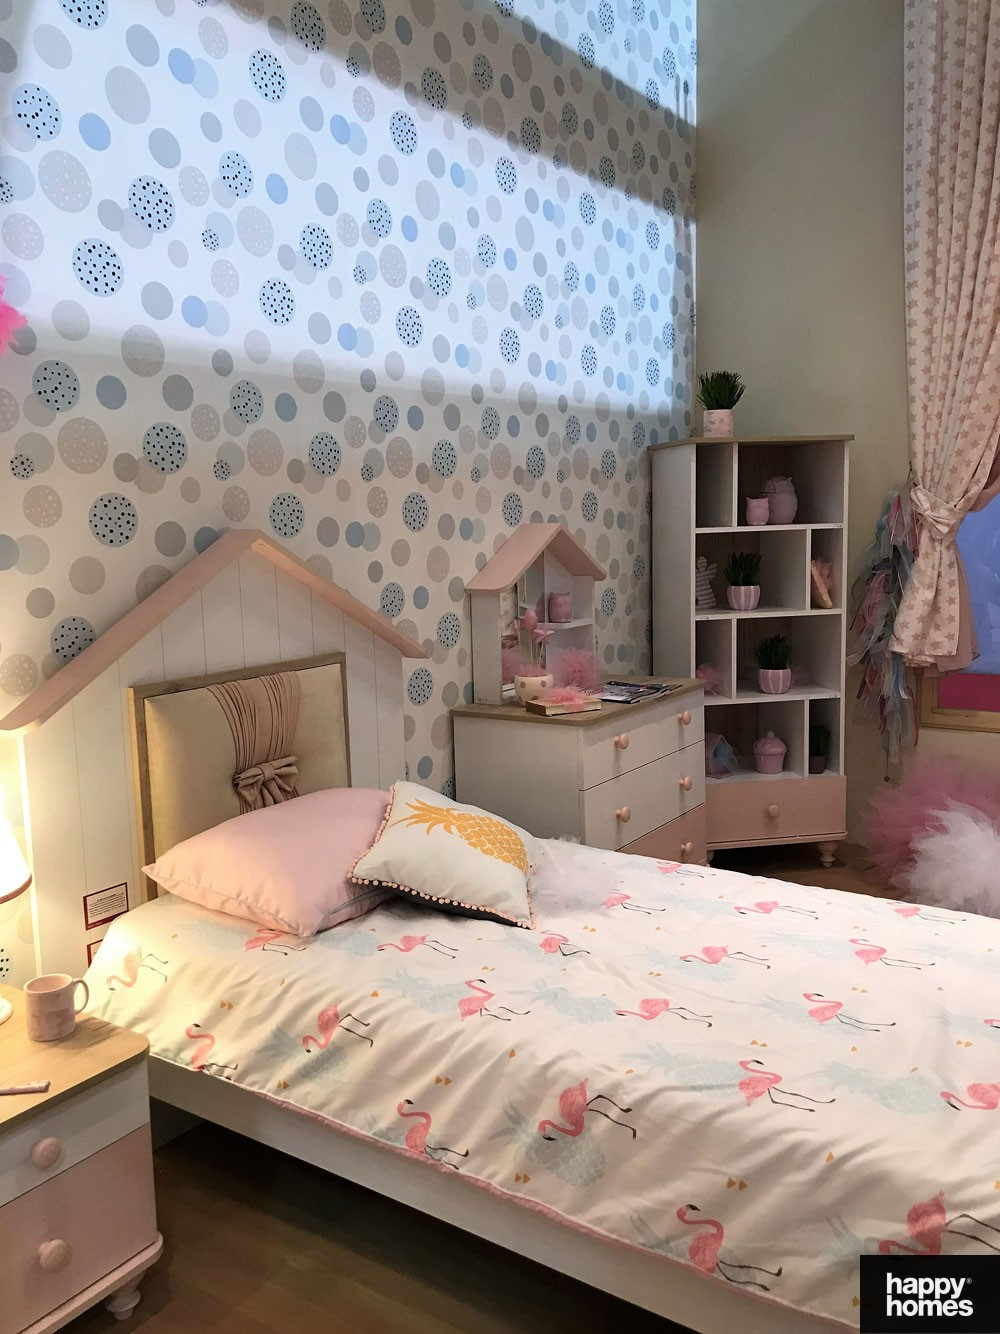 Fantastisk Inspirasjon barnerom – Happy Homes Norge JR-36